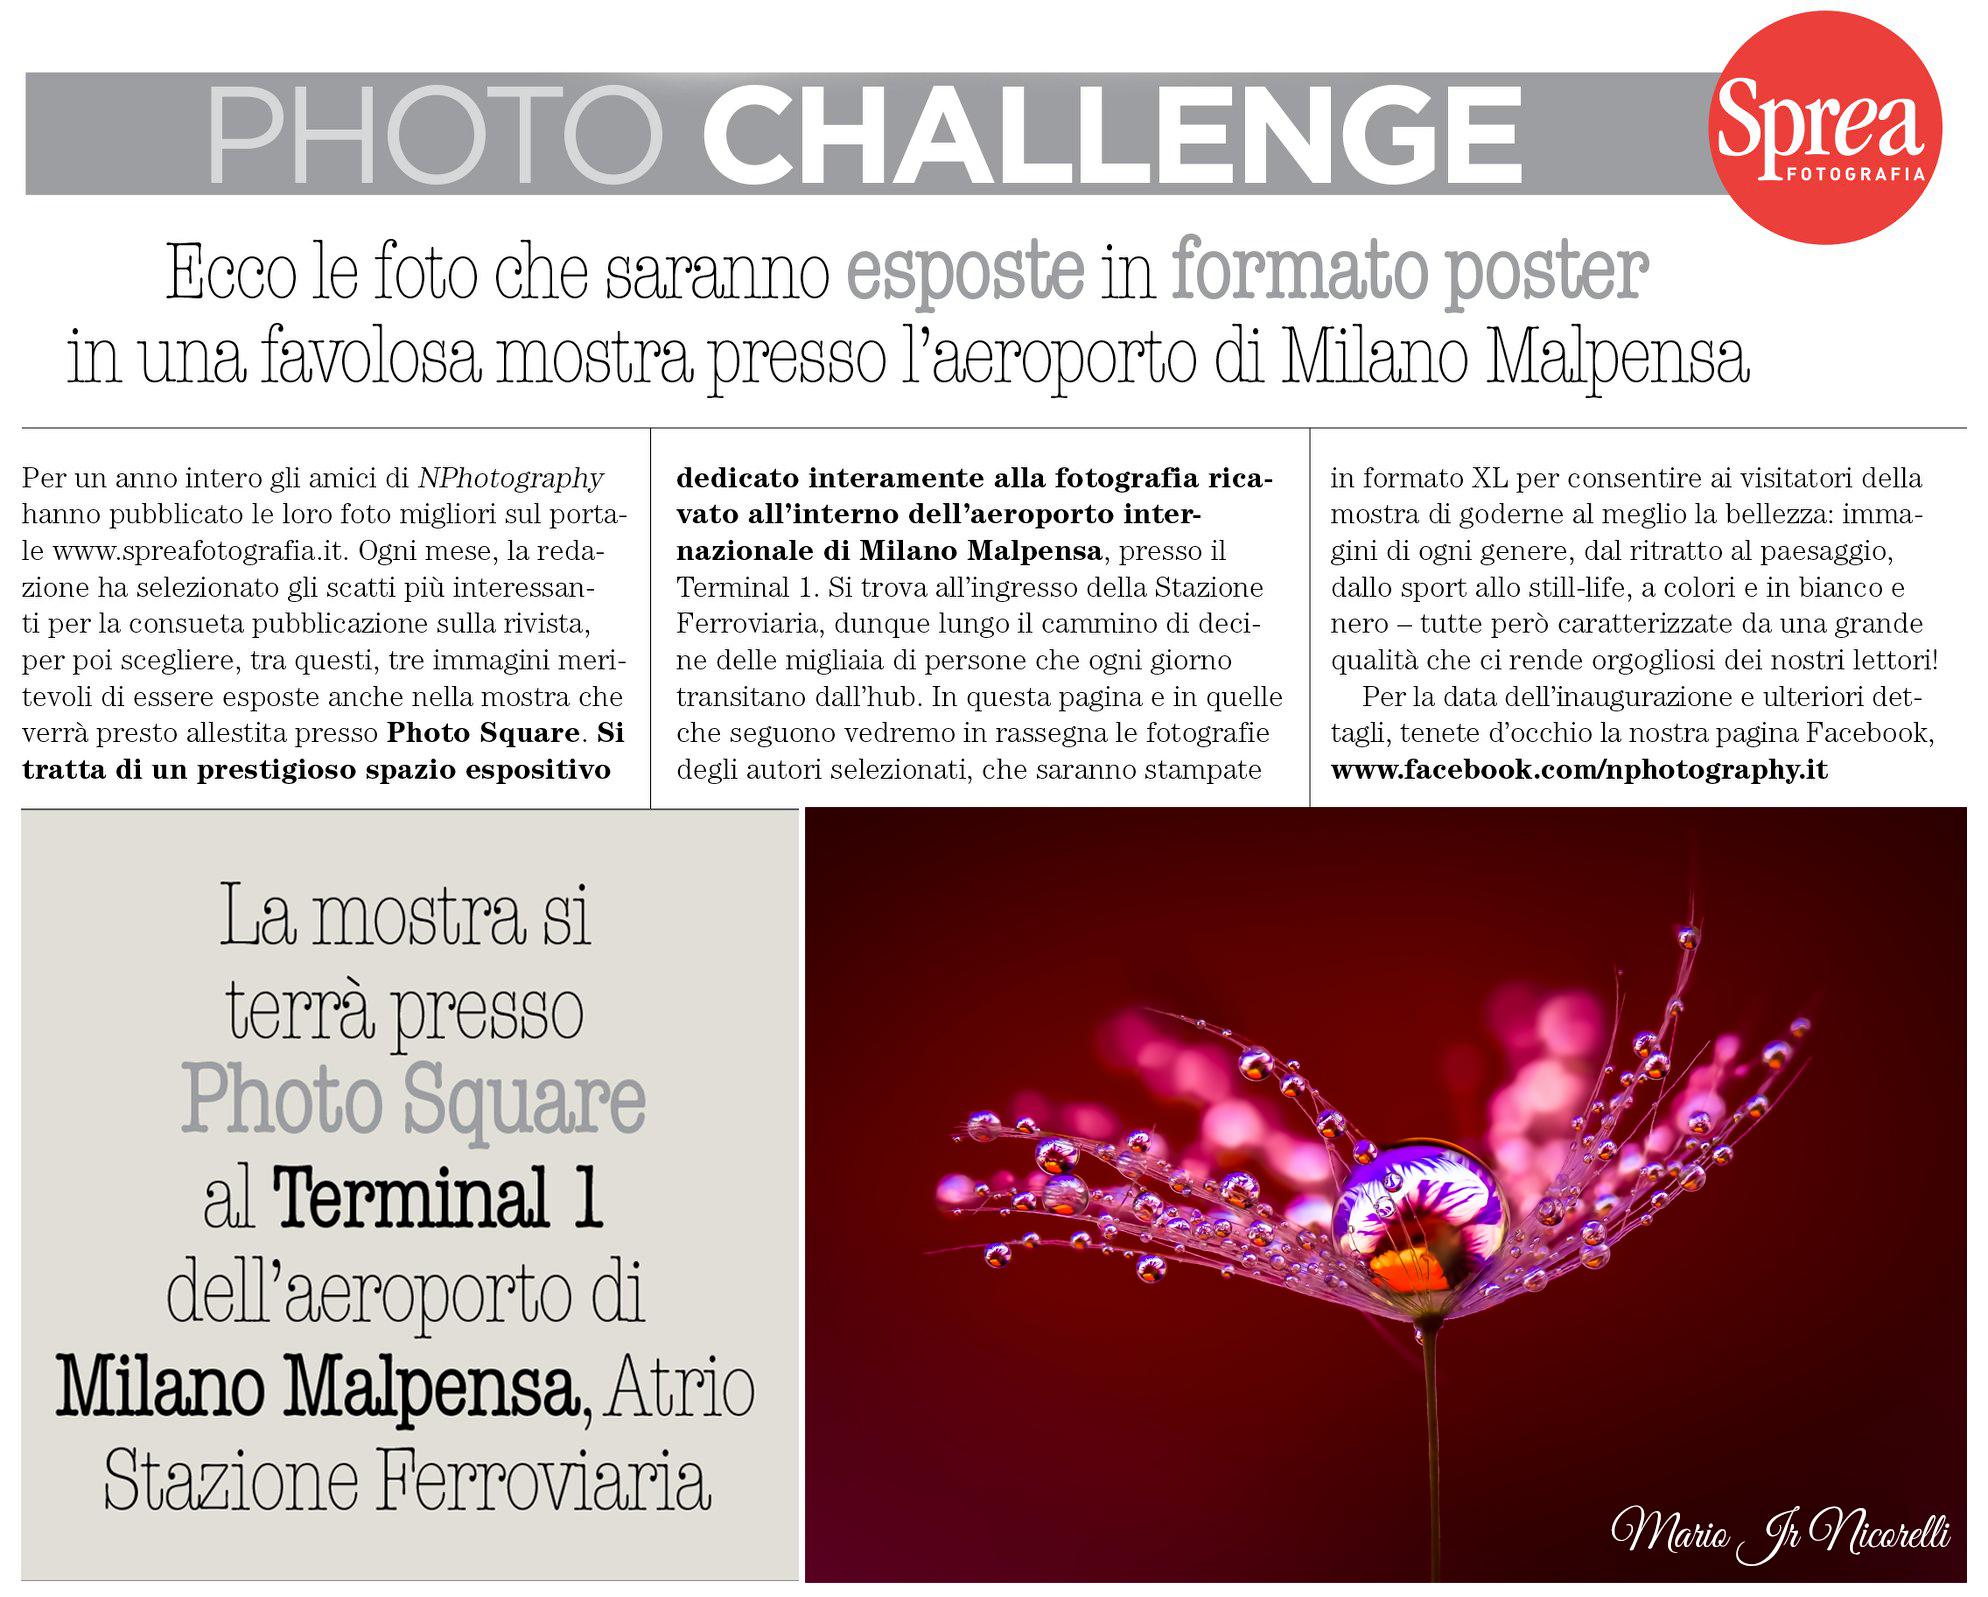 La mia macrofotografia in mostra a Milano Malpensa